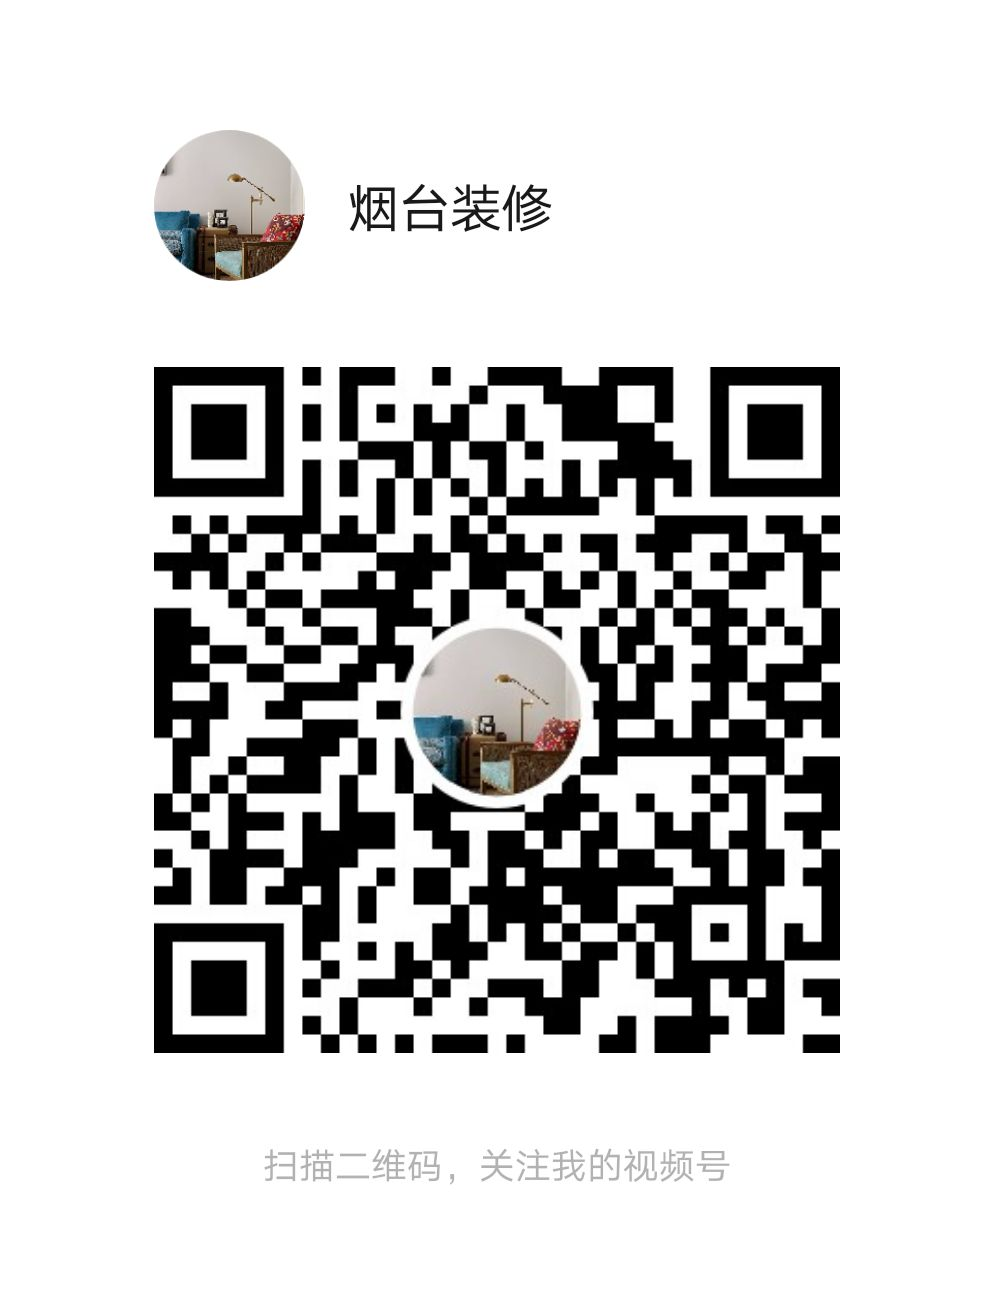 微信图片_20200312220208.jpg